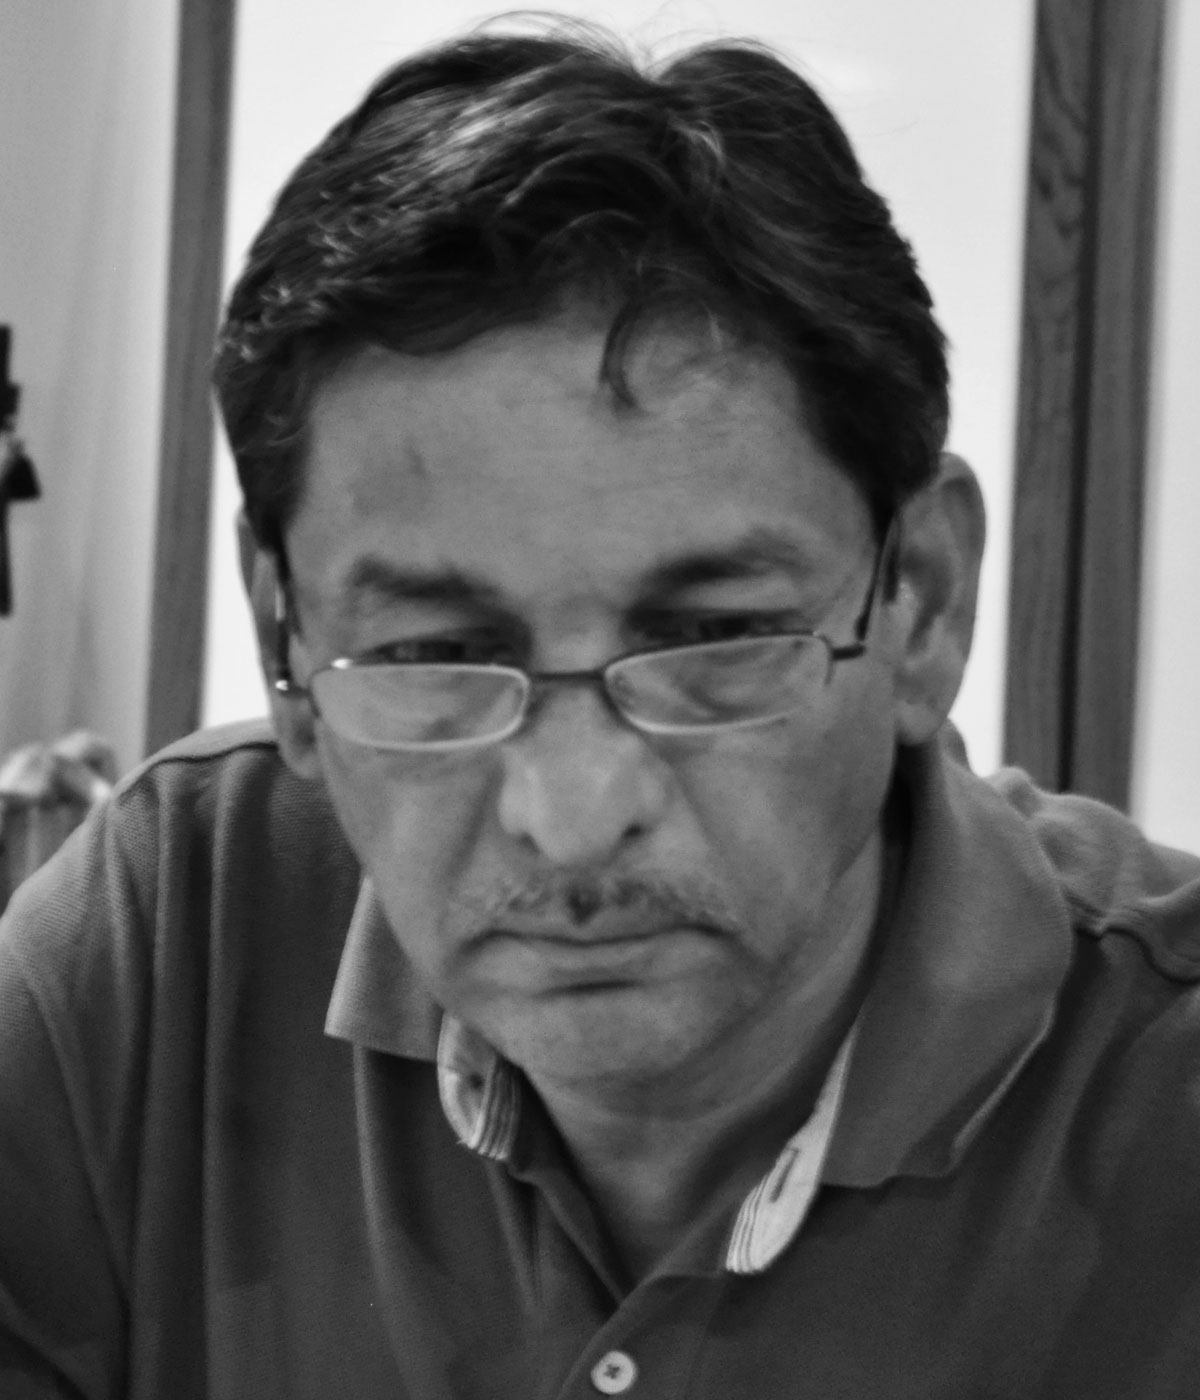 ANIKET BHAGWAT